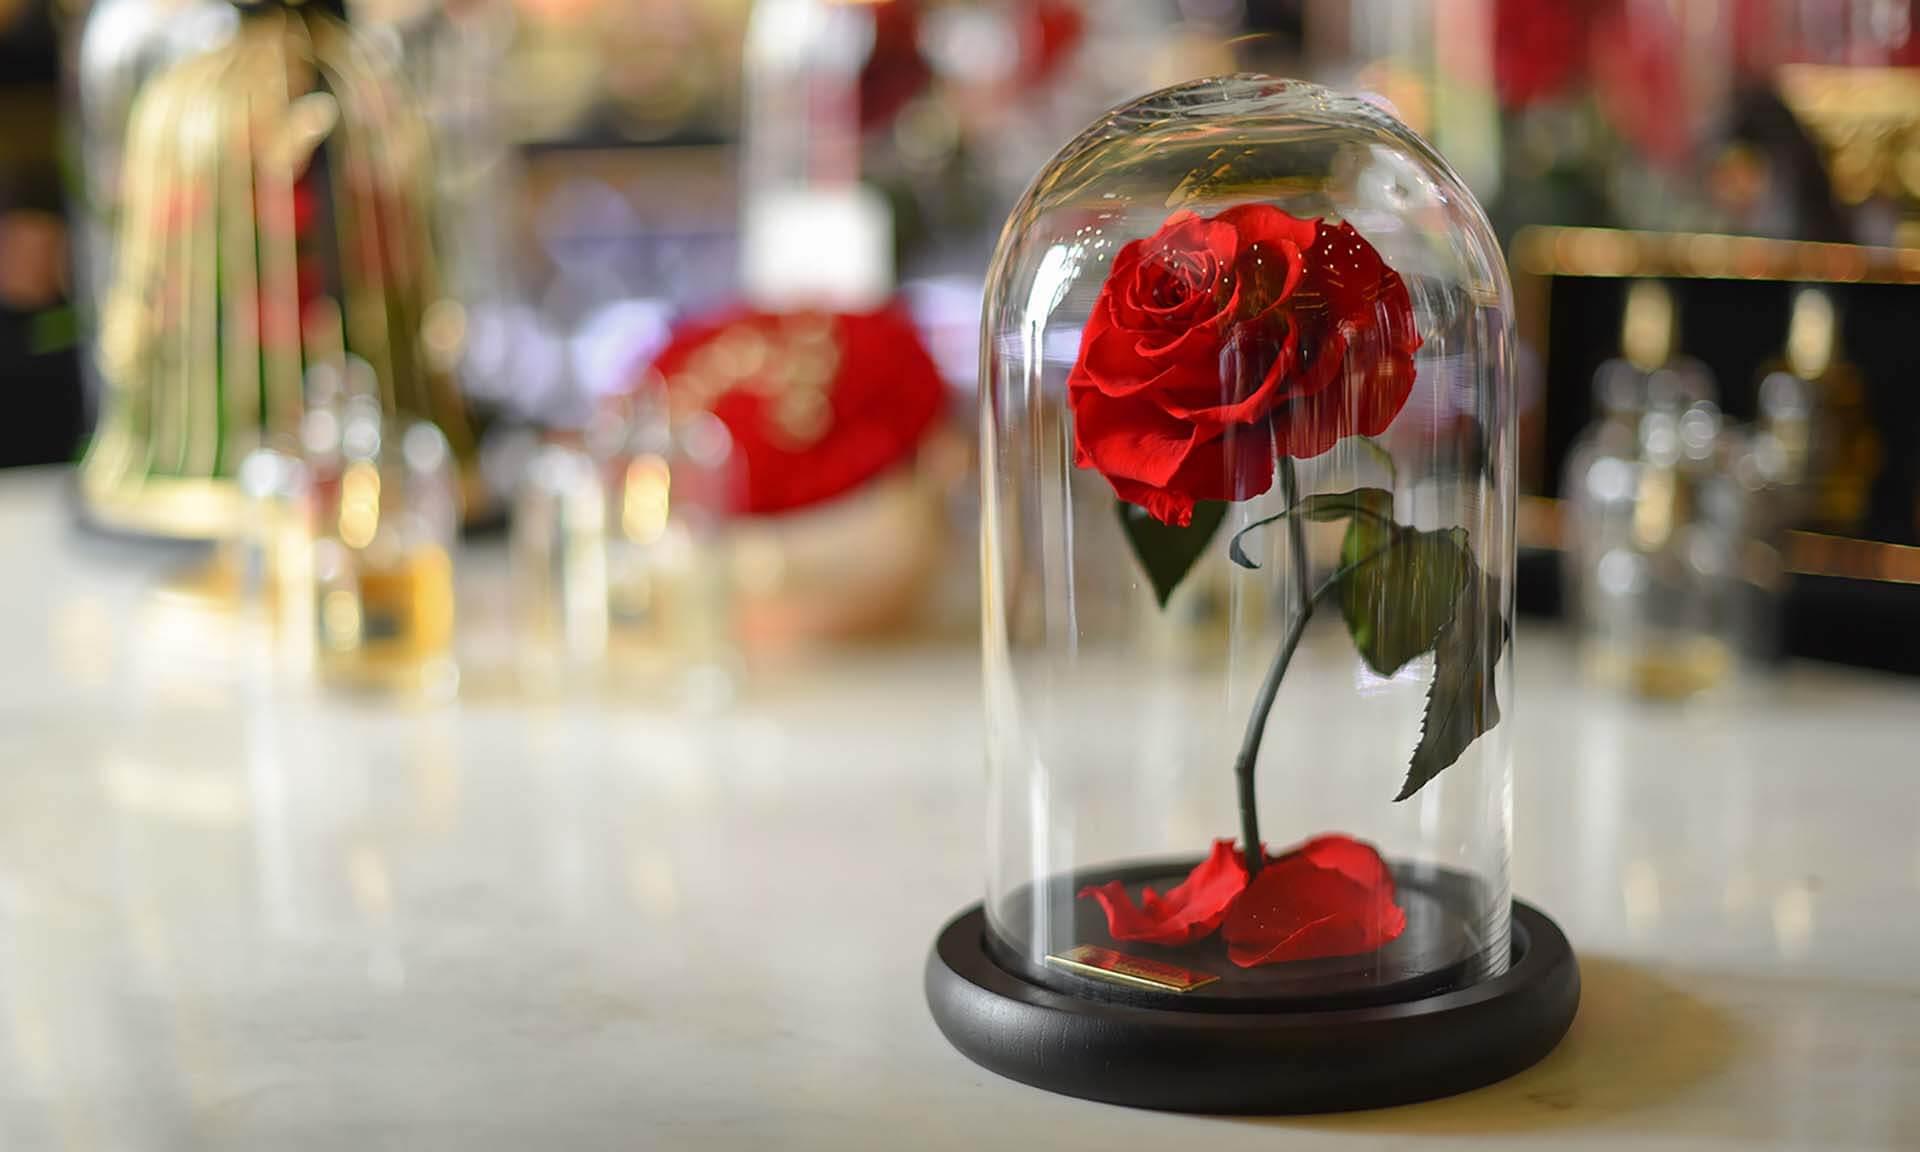 رز جاودان یک باکس گل رز کوچک و دوست داشتنی